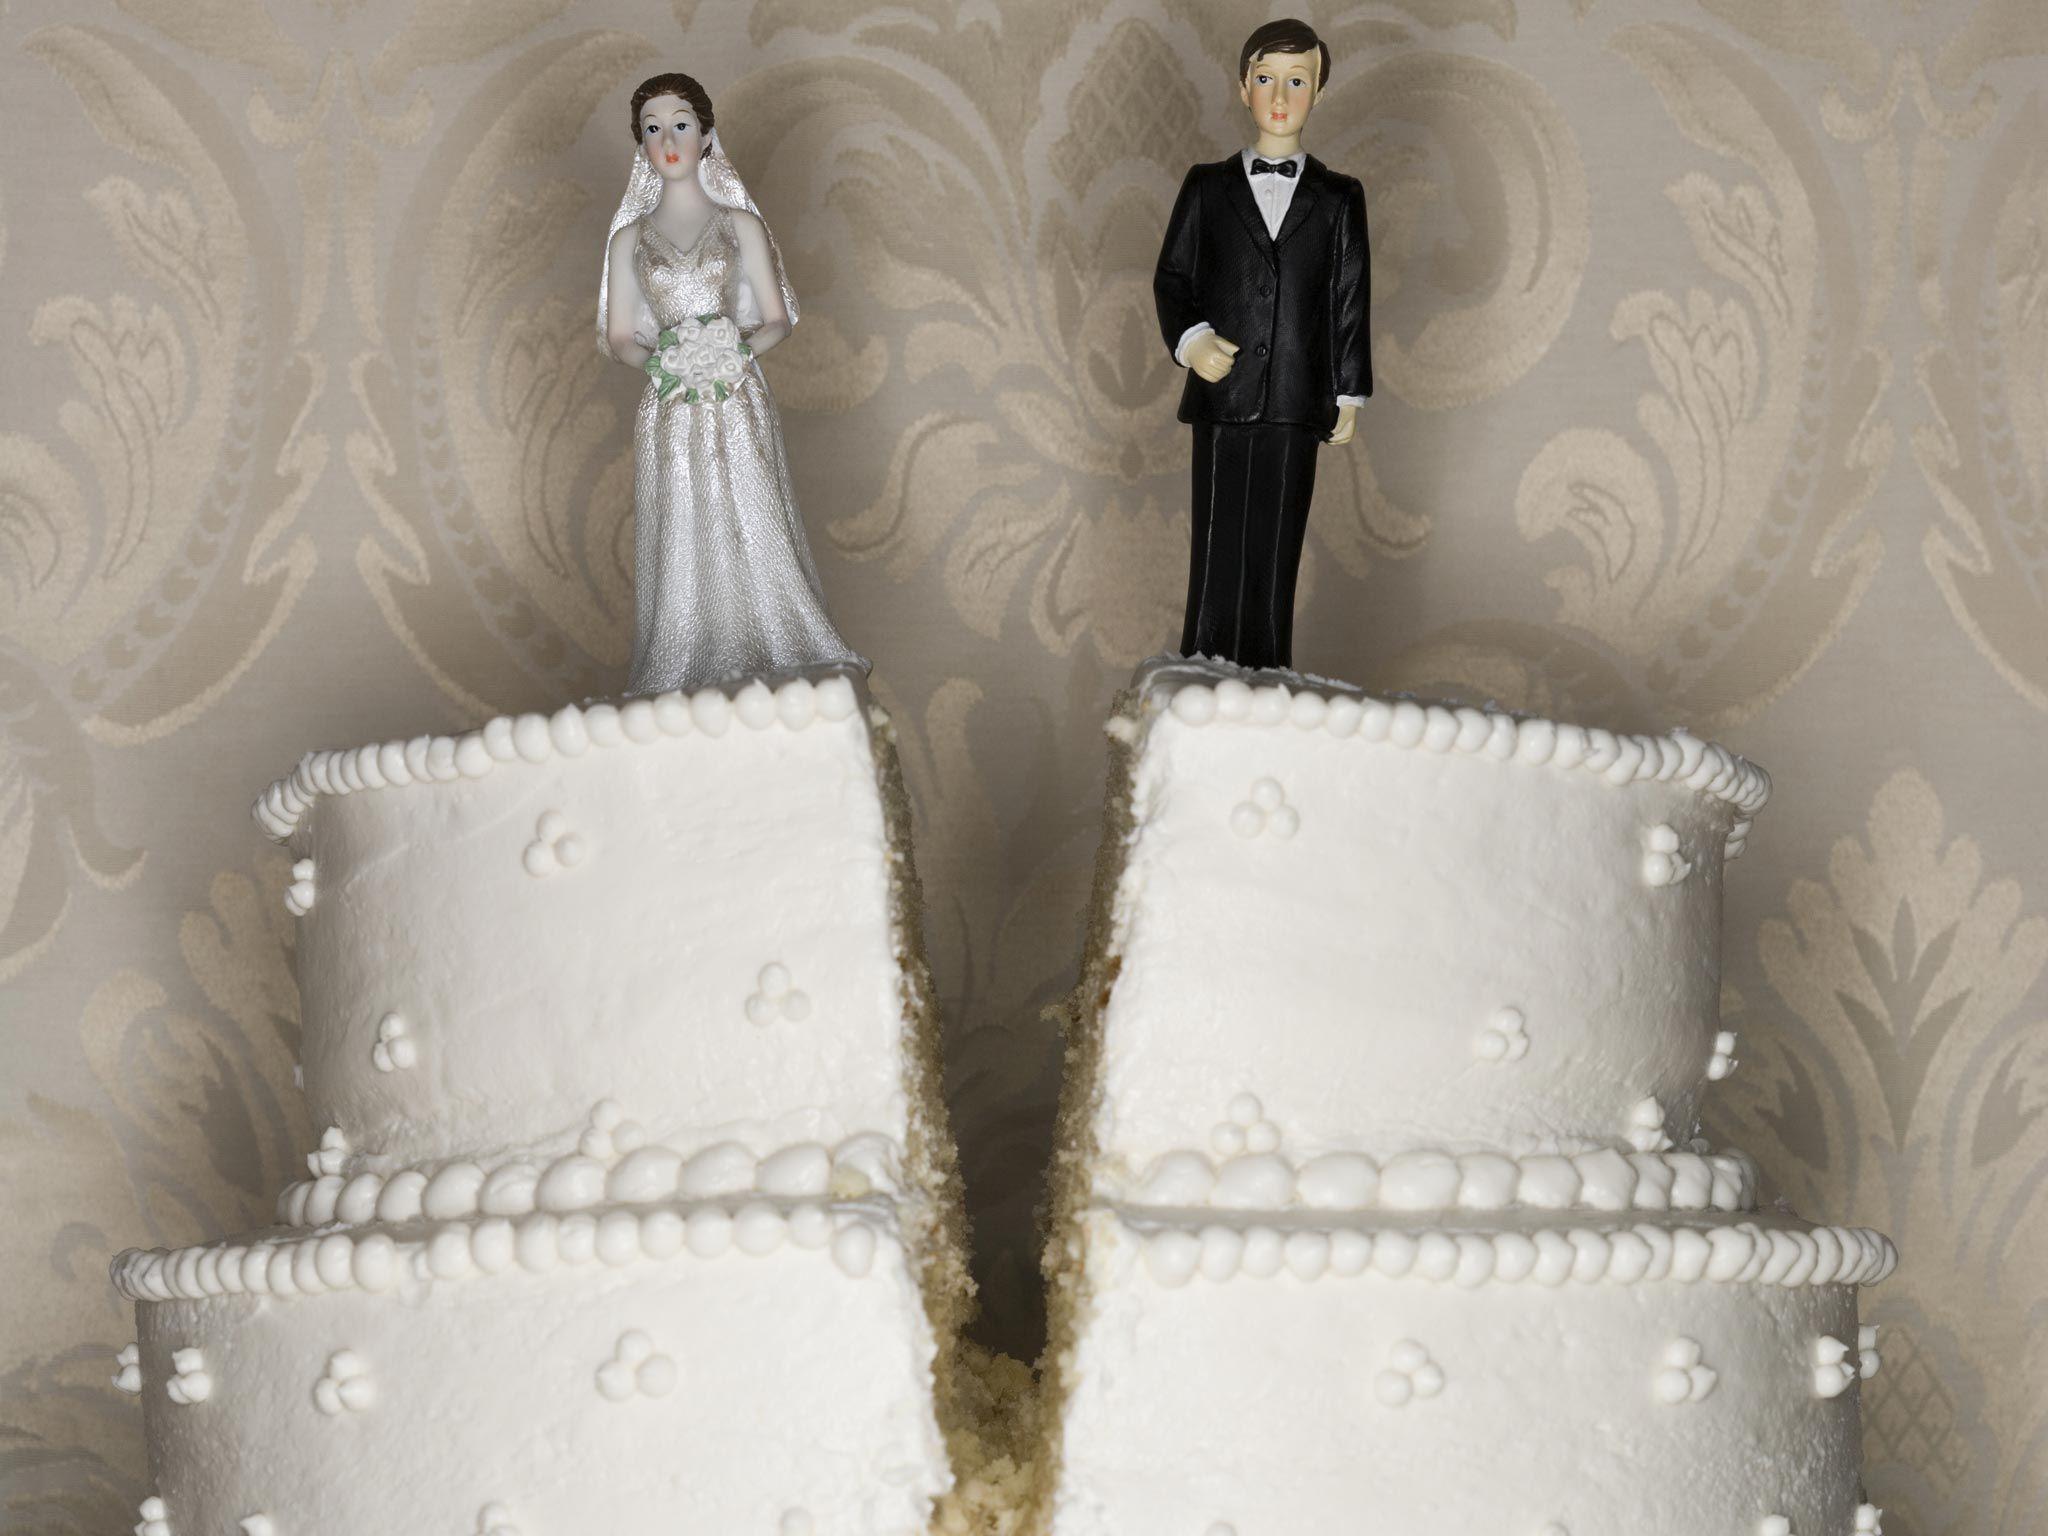 (Re)simplification du divorce : mesurons-nous ce que nos petits arrangements personnels nous font perdre en fragilisant nos familles ?